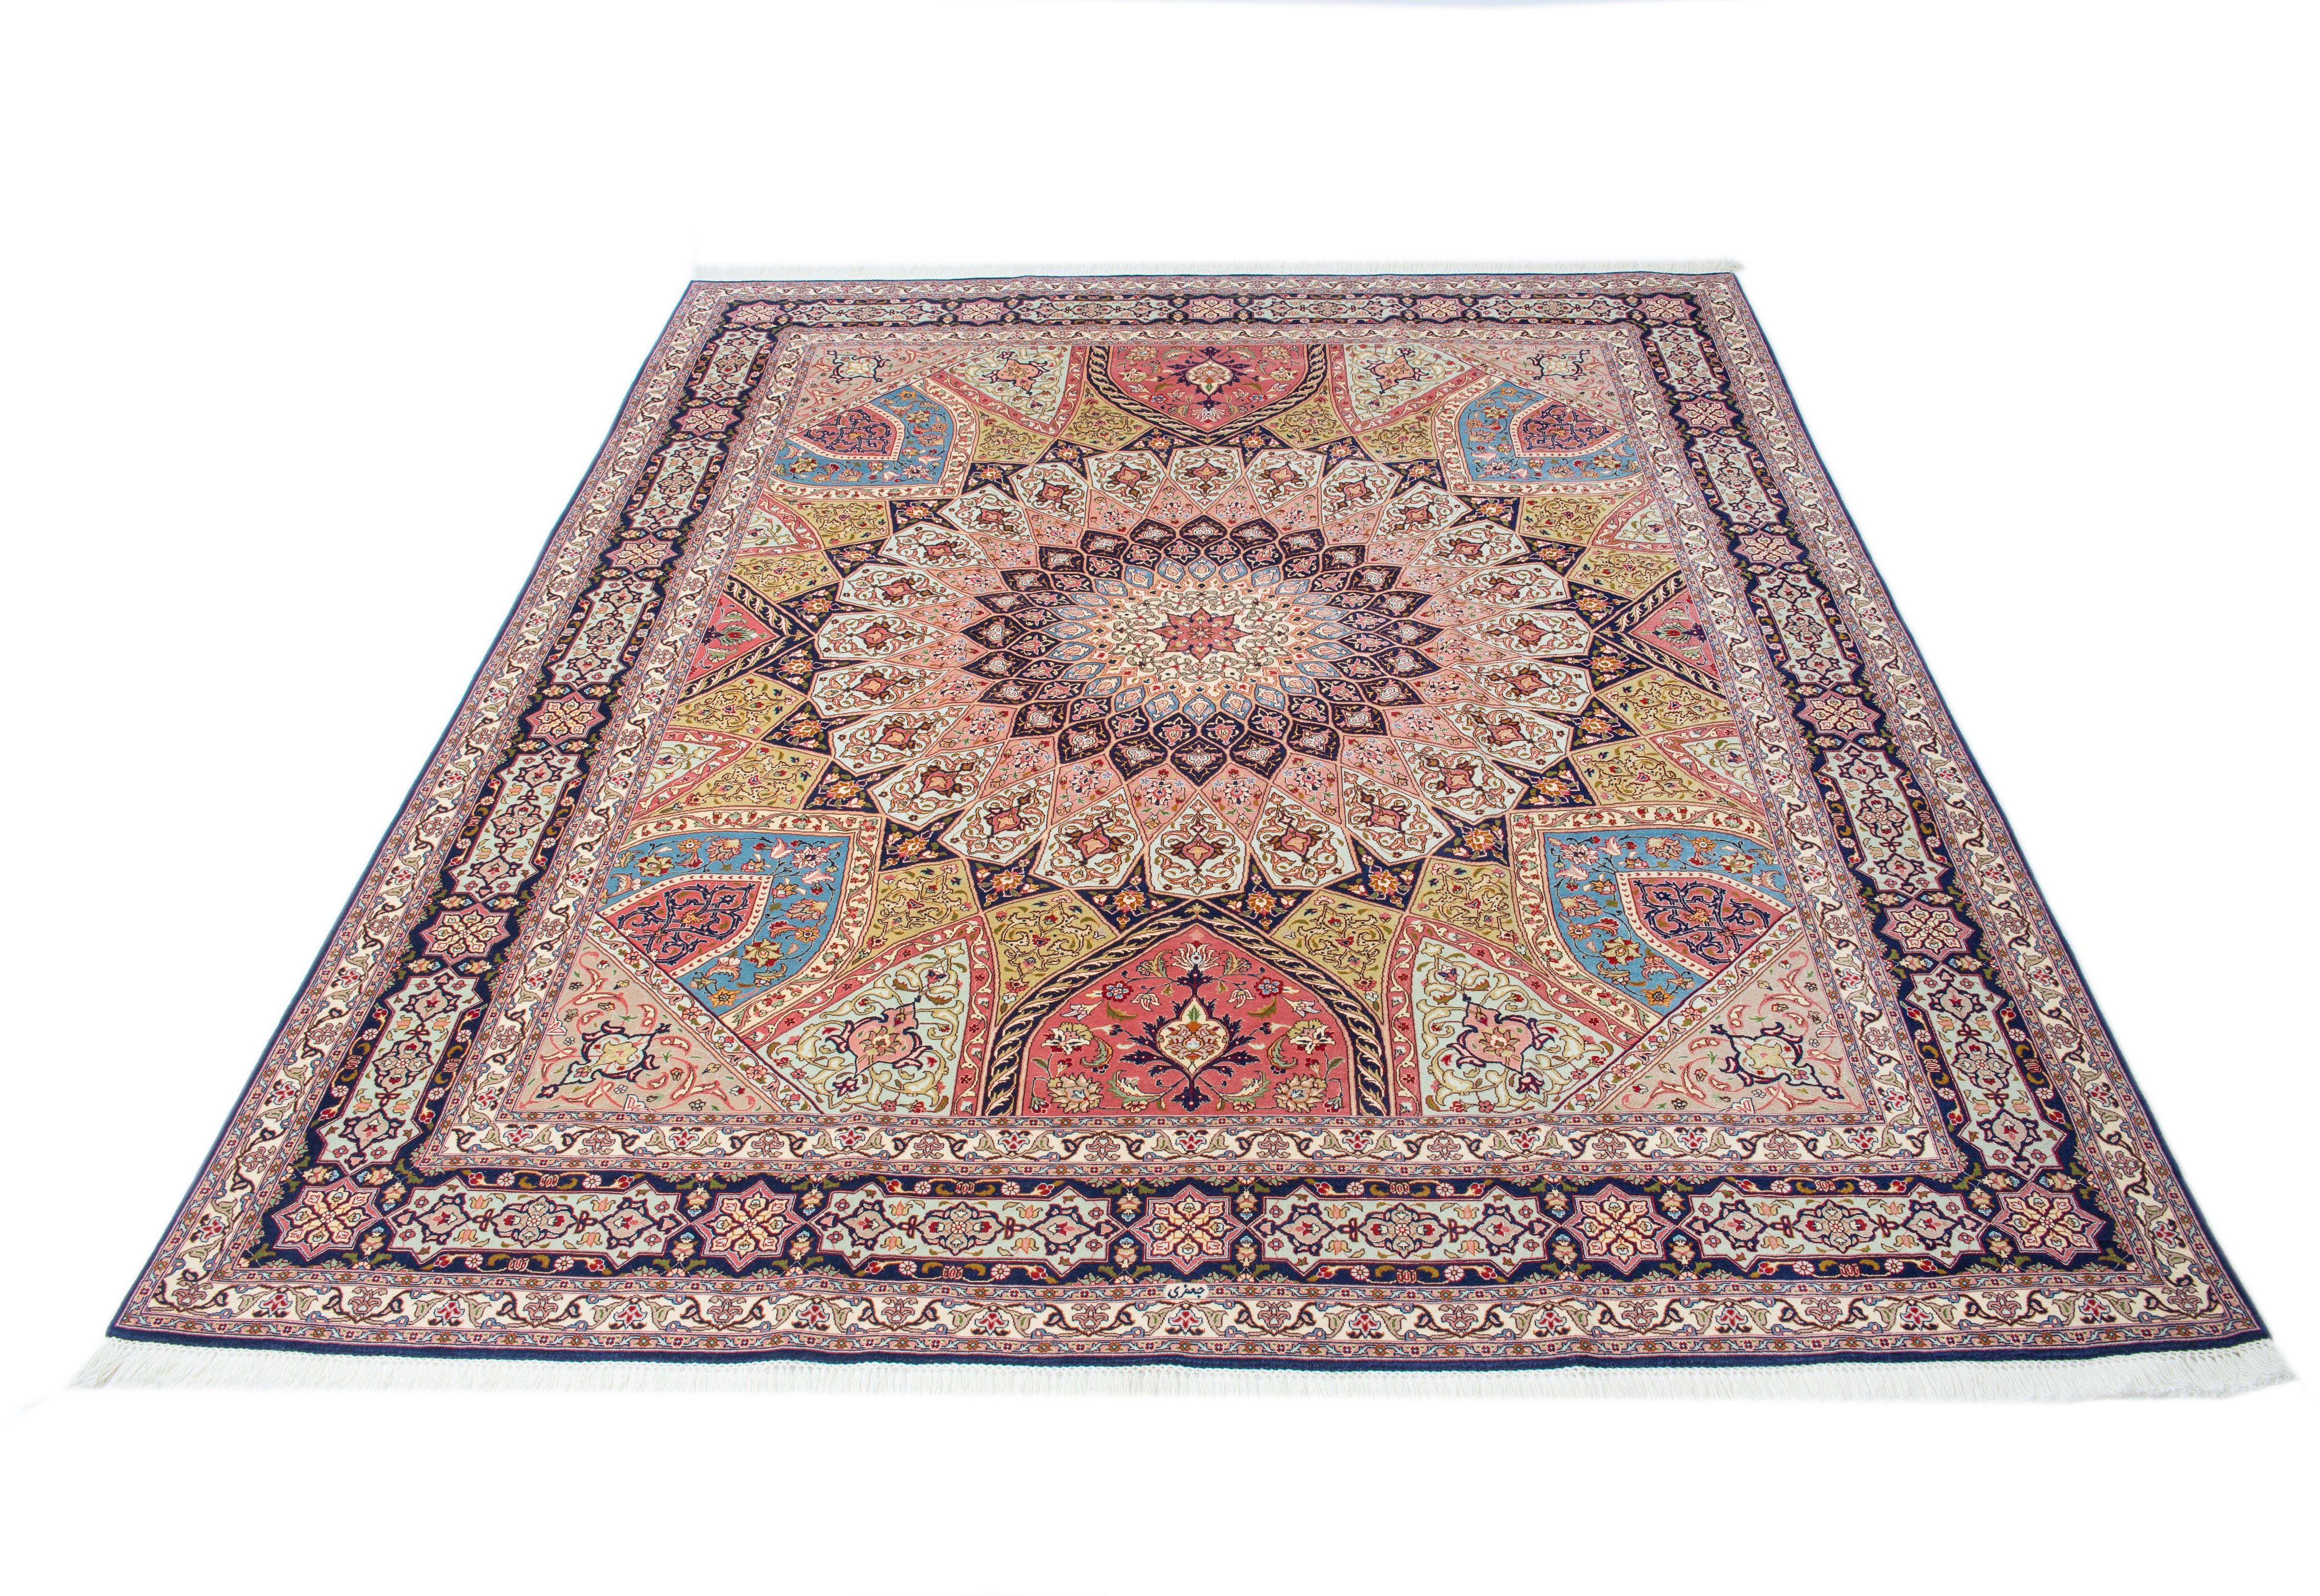 Orient-Teppich, Parwis, »Tabris Gomabad«, handgeknüpft, Wolle, 700.000 Knoten/m², Unikat